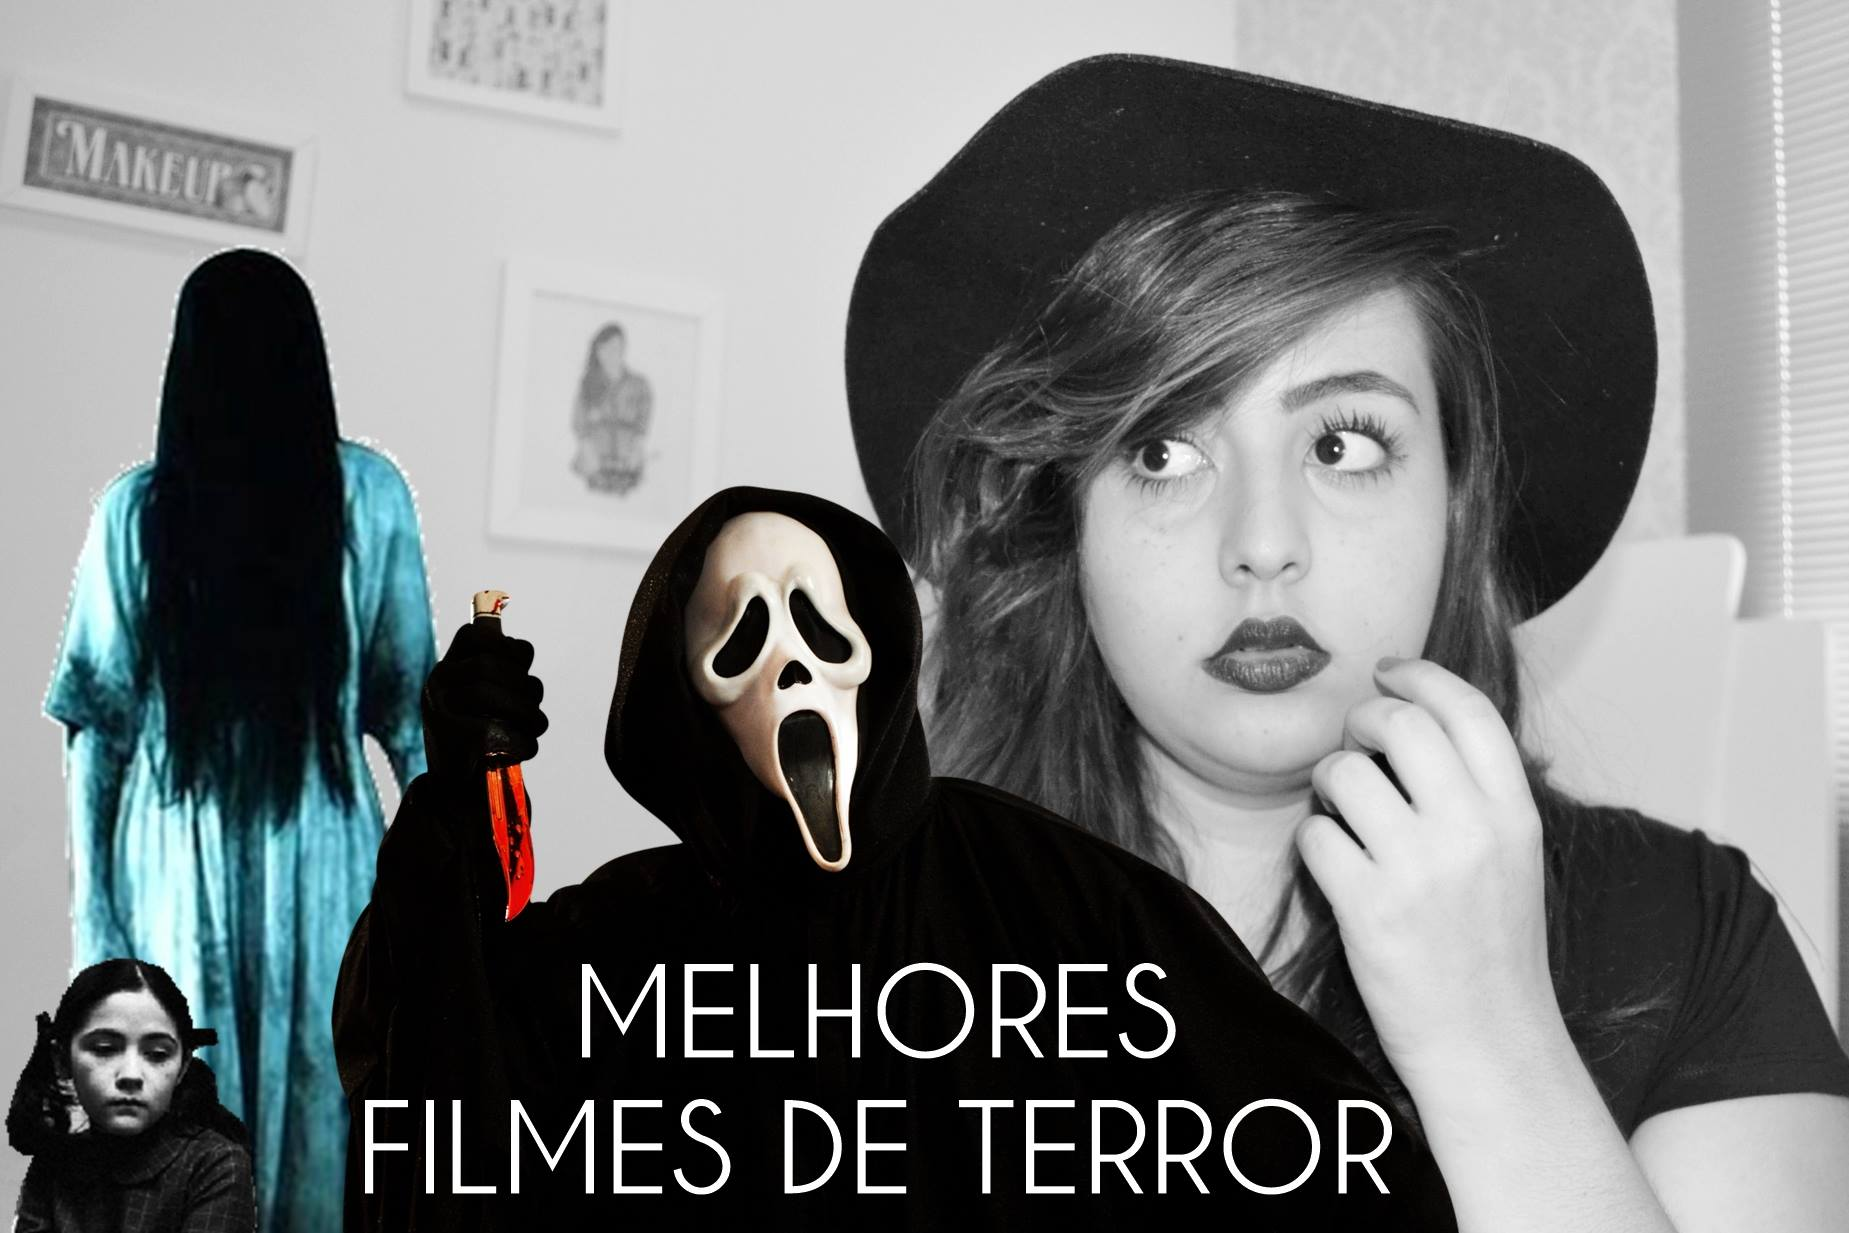 melhores+filmes+de+terror+novos+2015+blog+cinderela+de+mentira